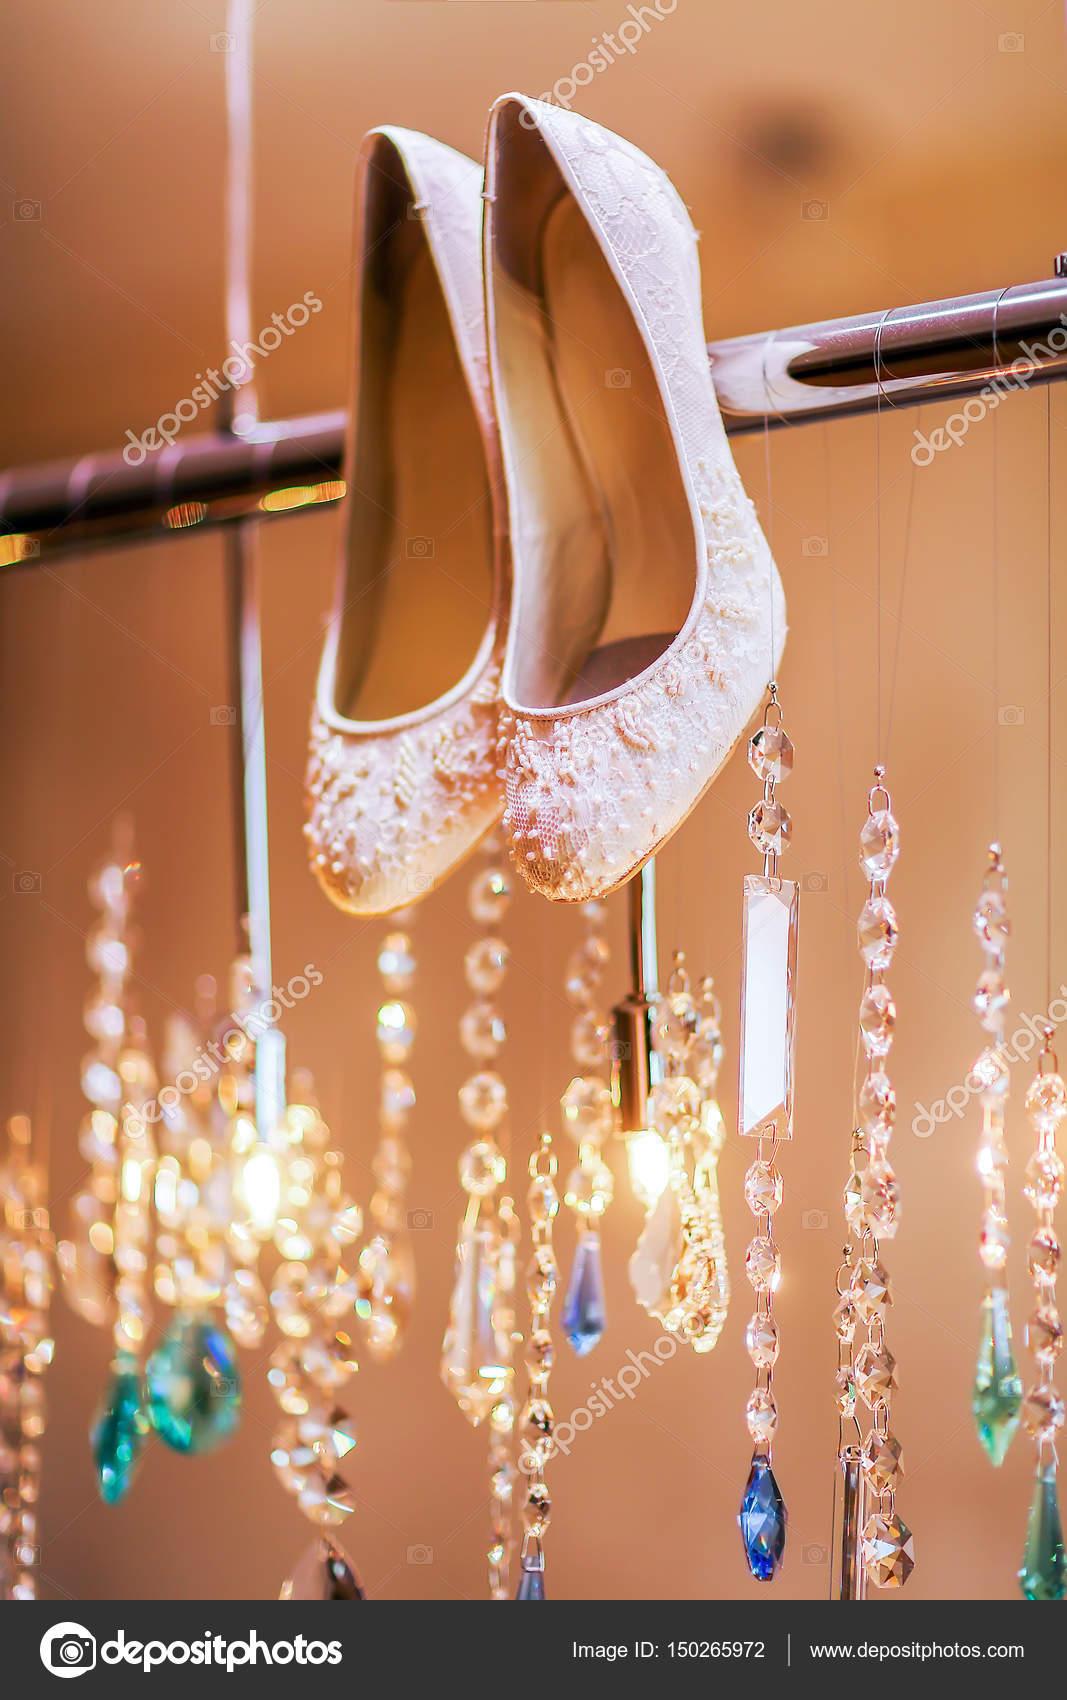 1744a418ec Luxus esküvői cipő, gyöngyök. Esküvői koncepció — Stock Fotó ...